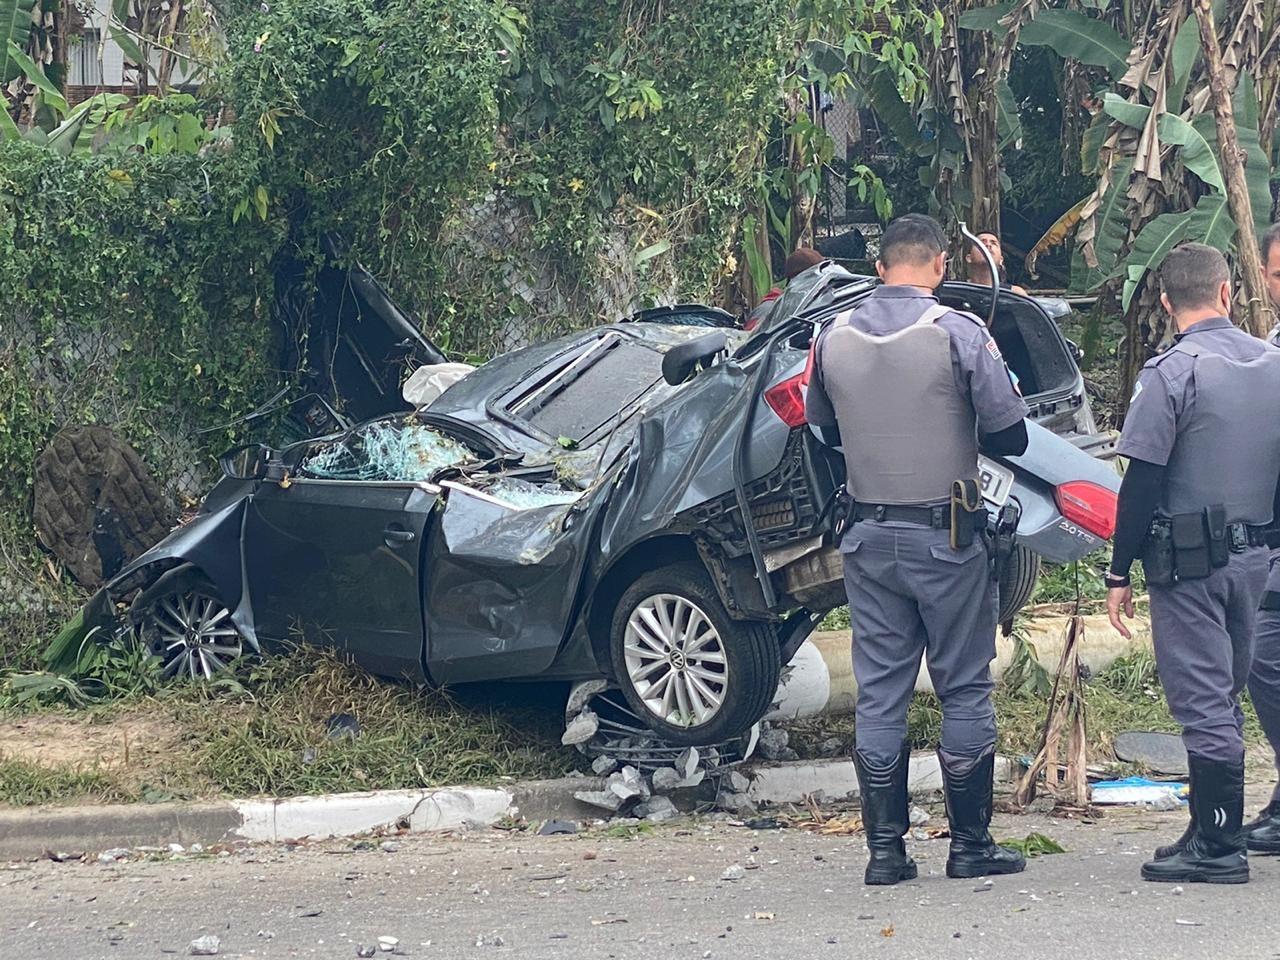 Criminosos roubam carro e atropelam pessoas durante fuga em Guarujá, SP